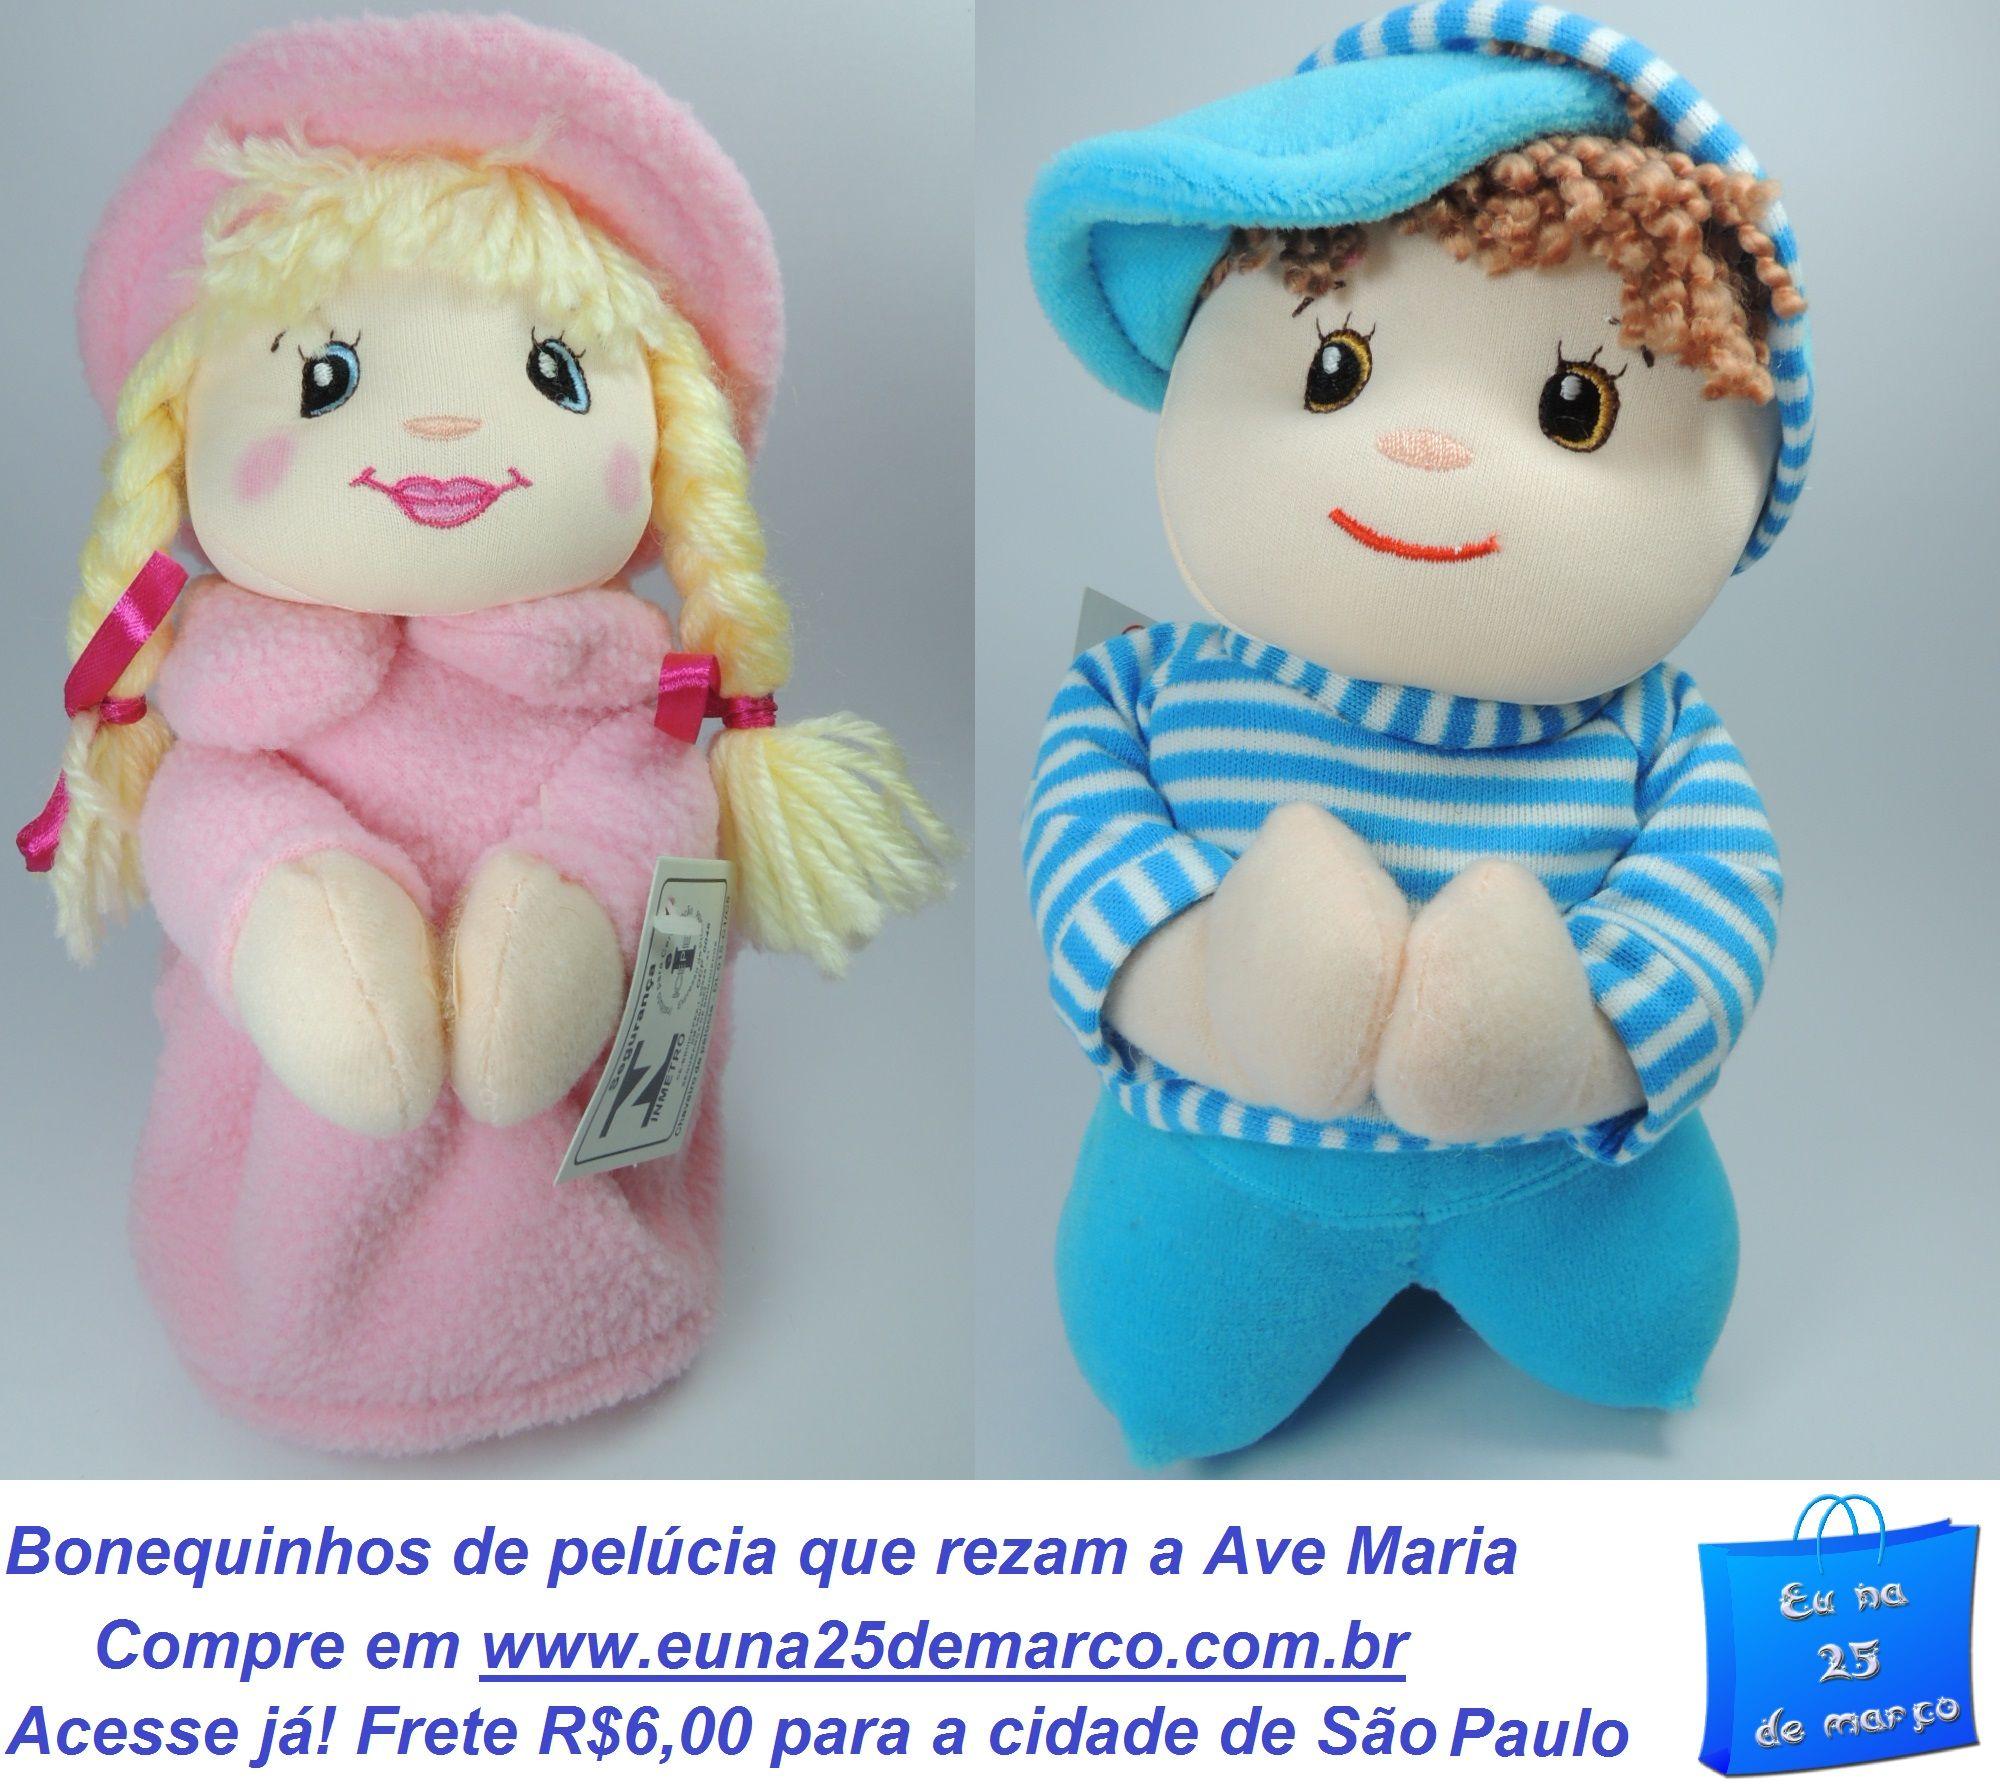 Bonequinho e bonequinha que rezam a Ave Maria vendidos em http://www.euna25demarco.com.br/pelucia.html